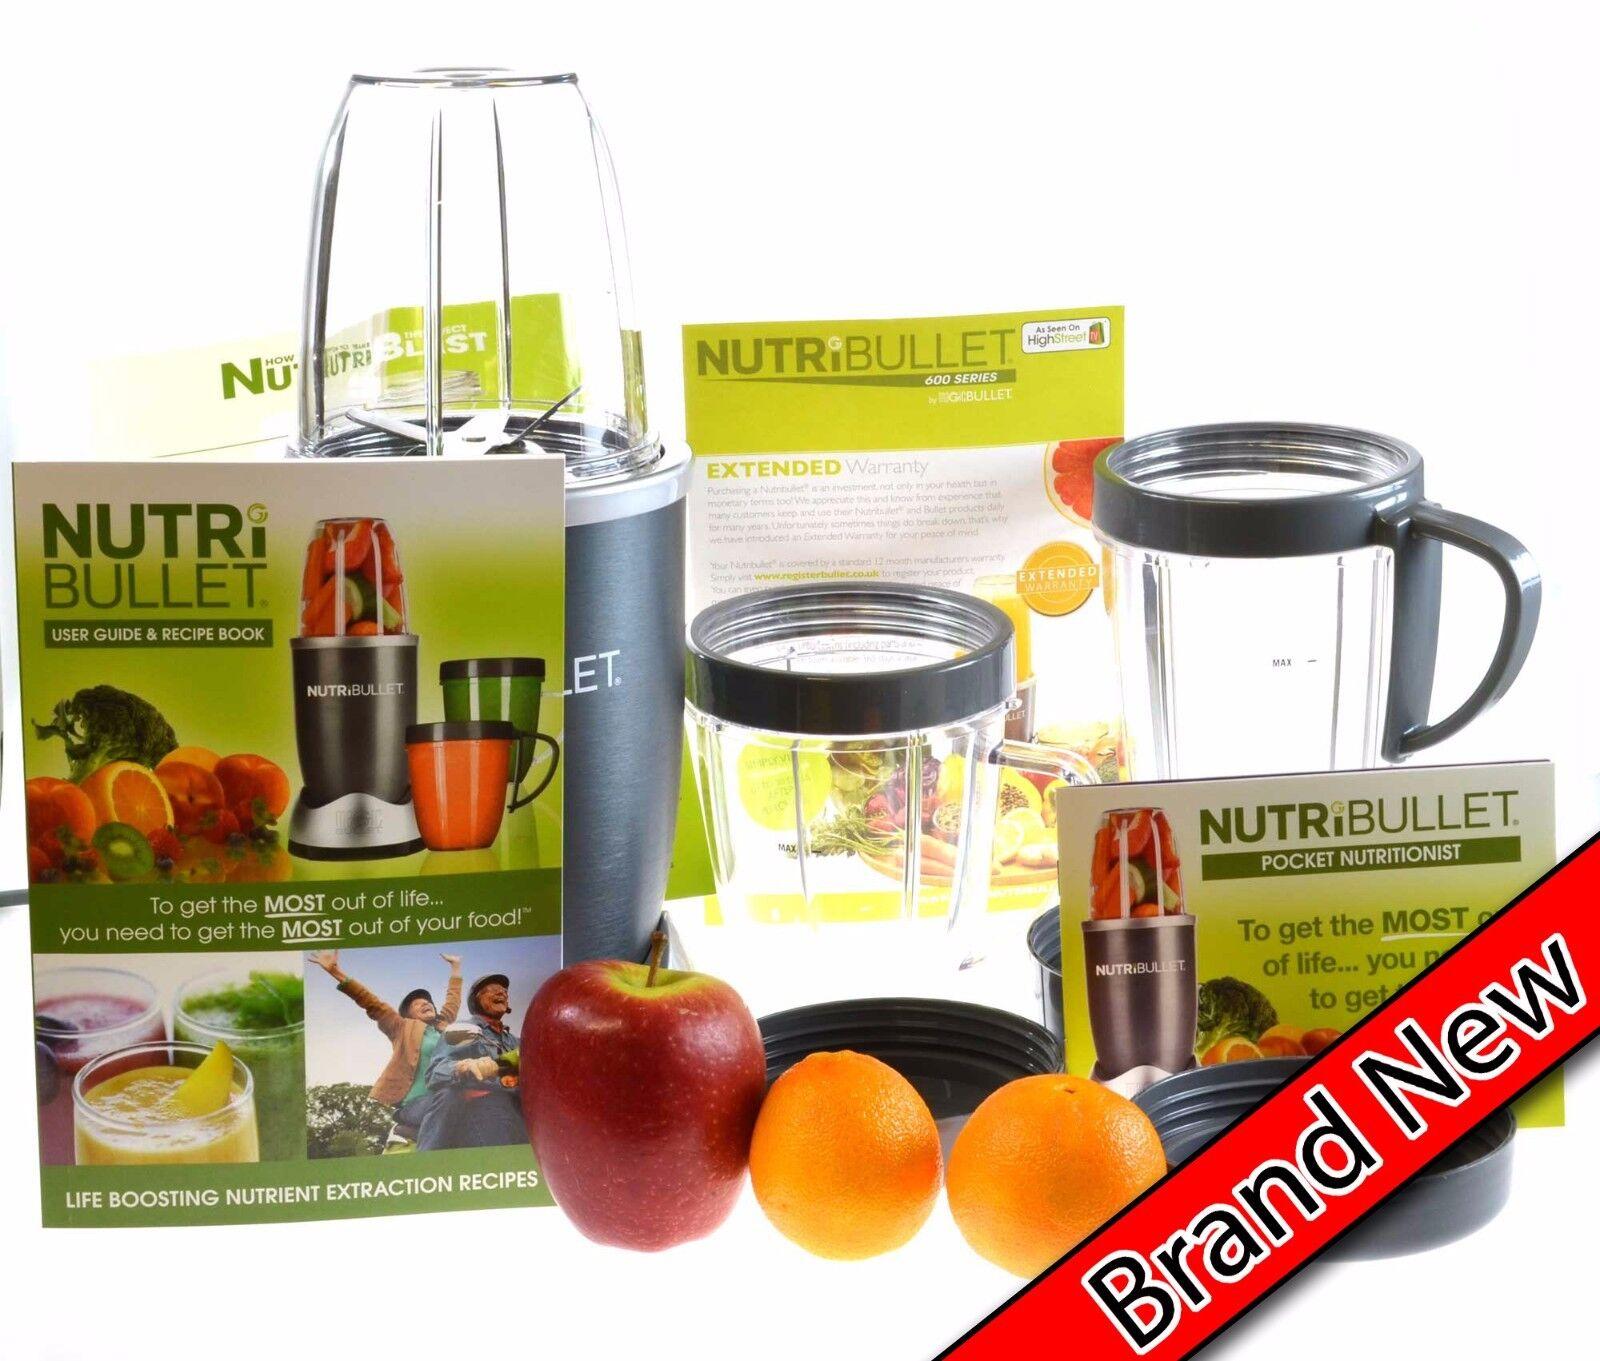 NutriBullet 600 Série 12 Pièce Blender Mixeur smoothie jus extracteur 600 W